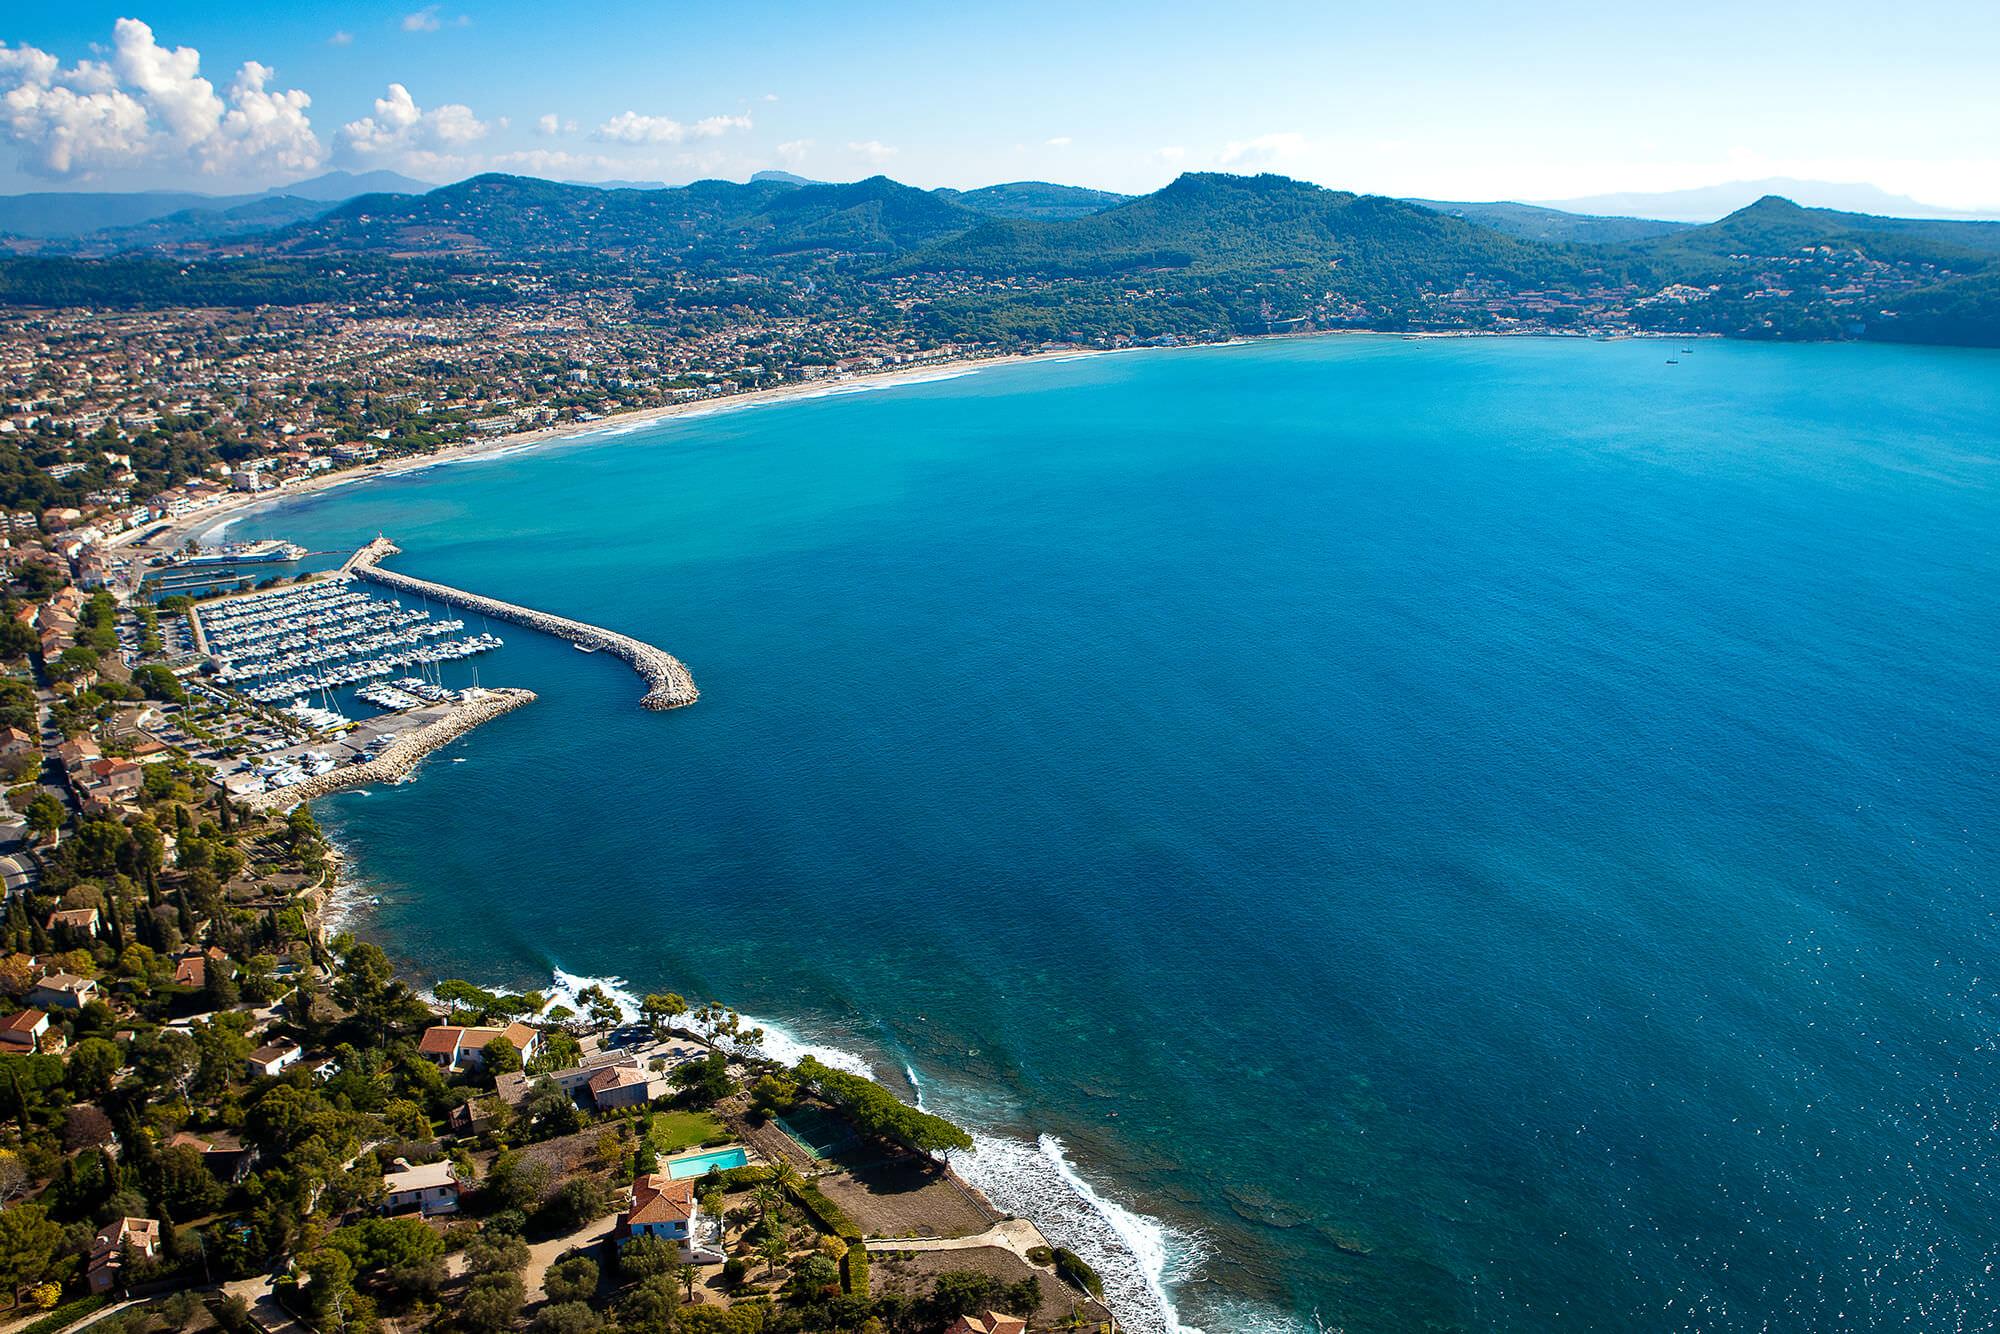 Vue aérienne de la baie des Lecques